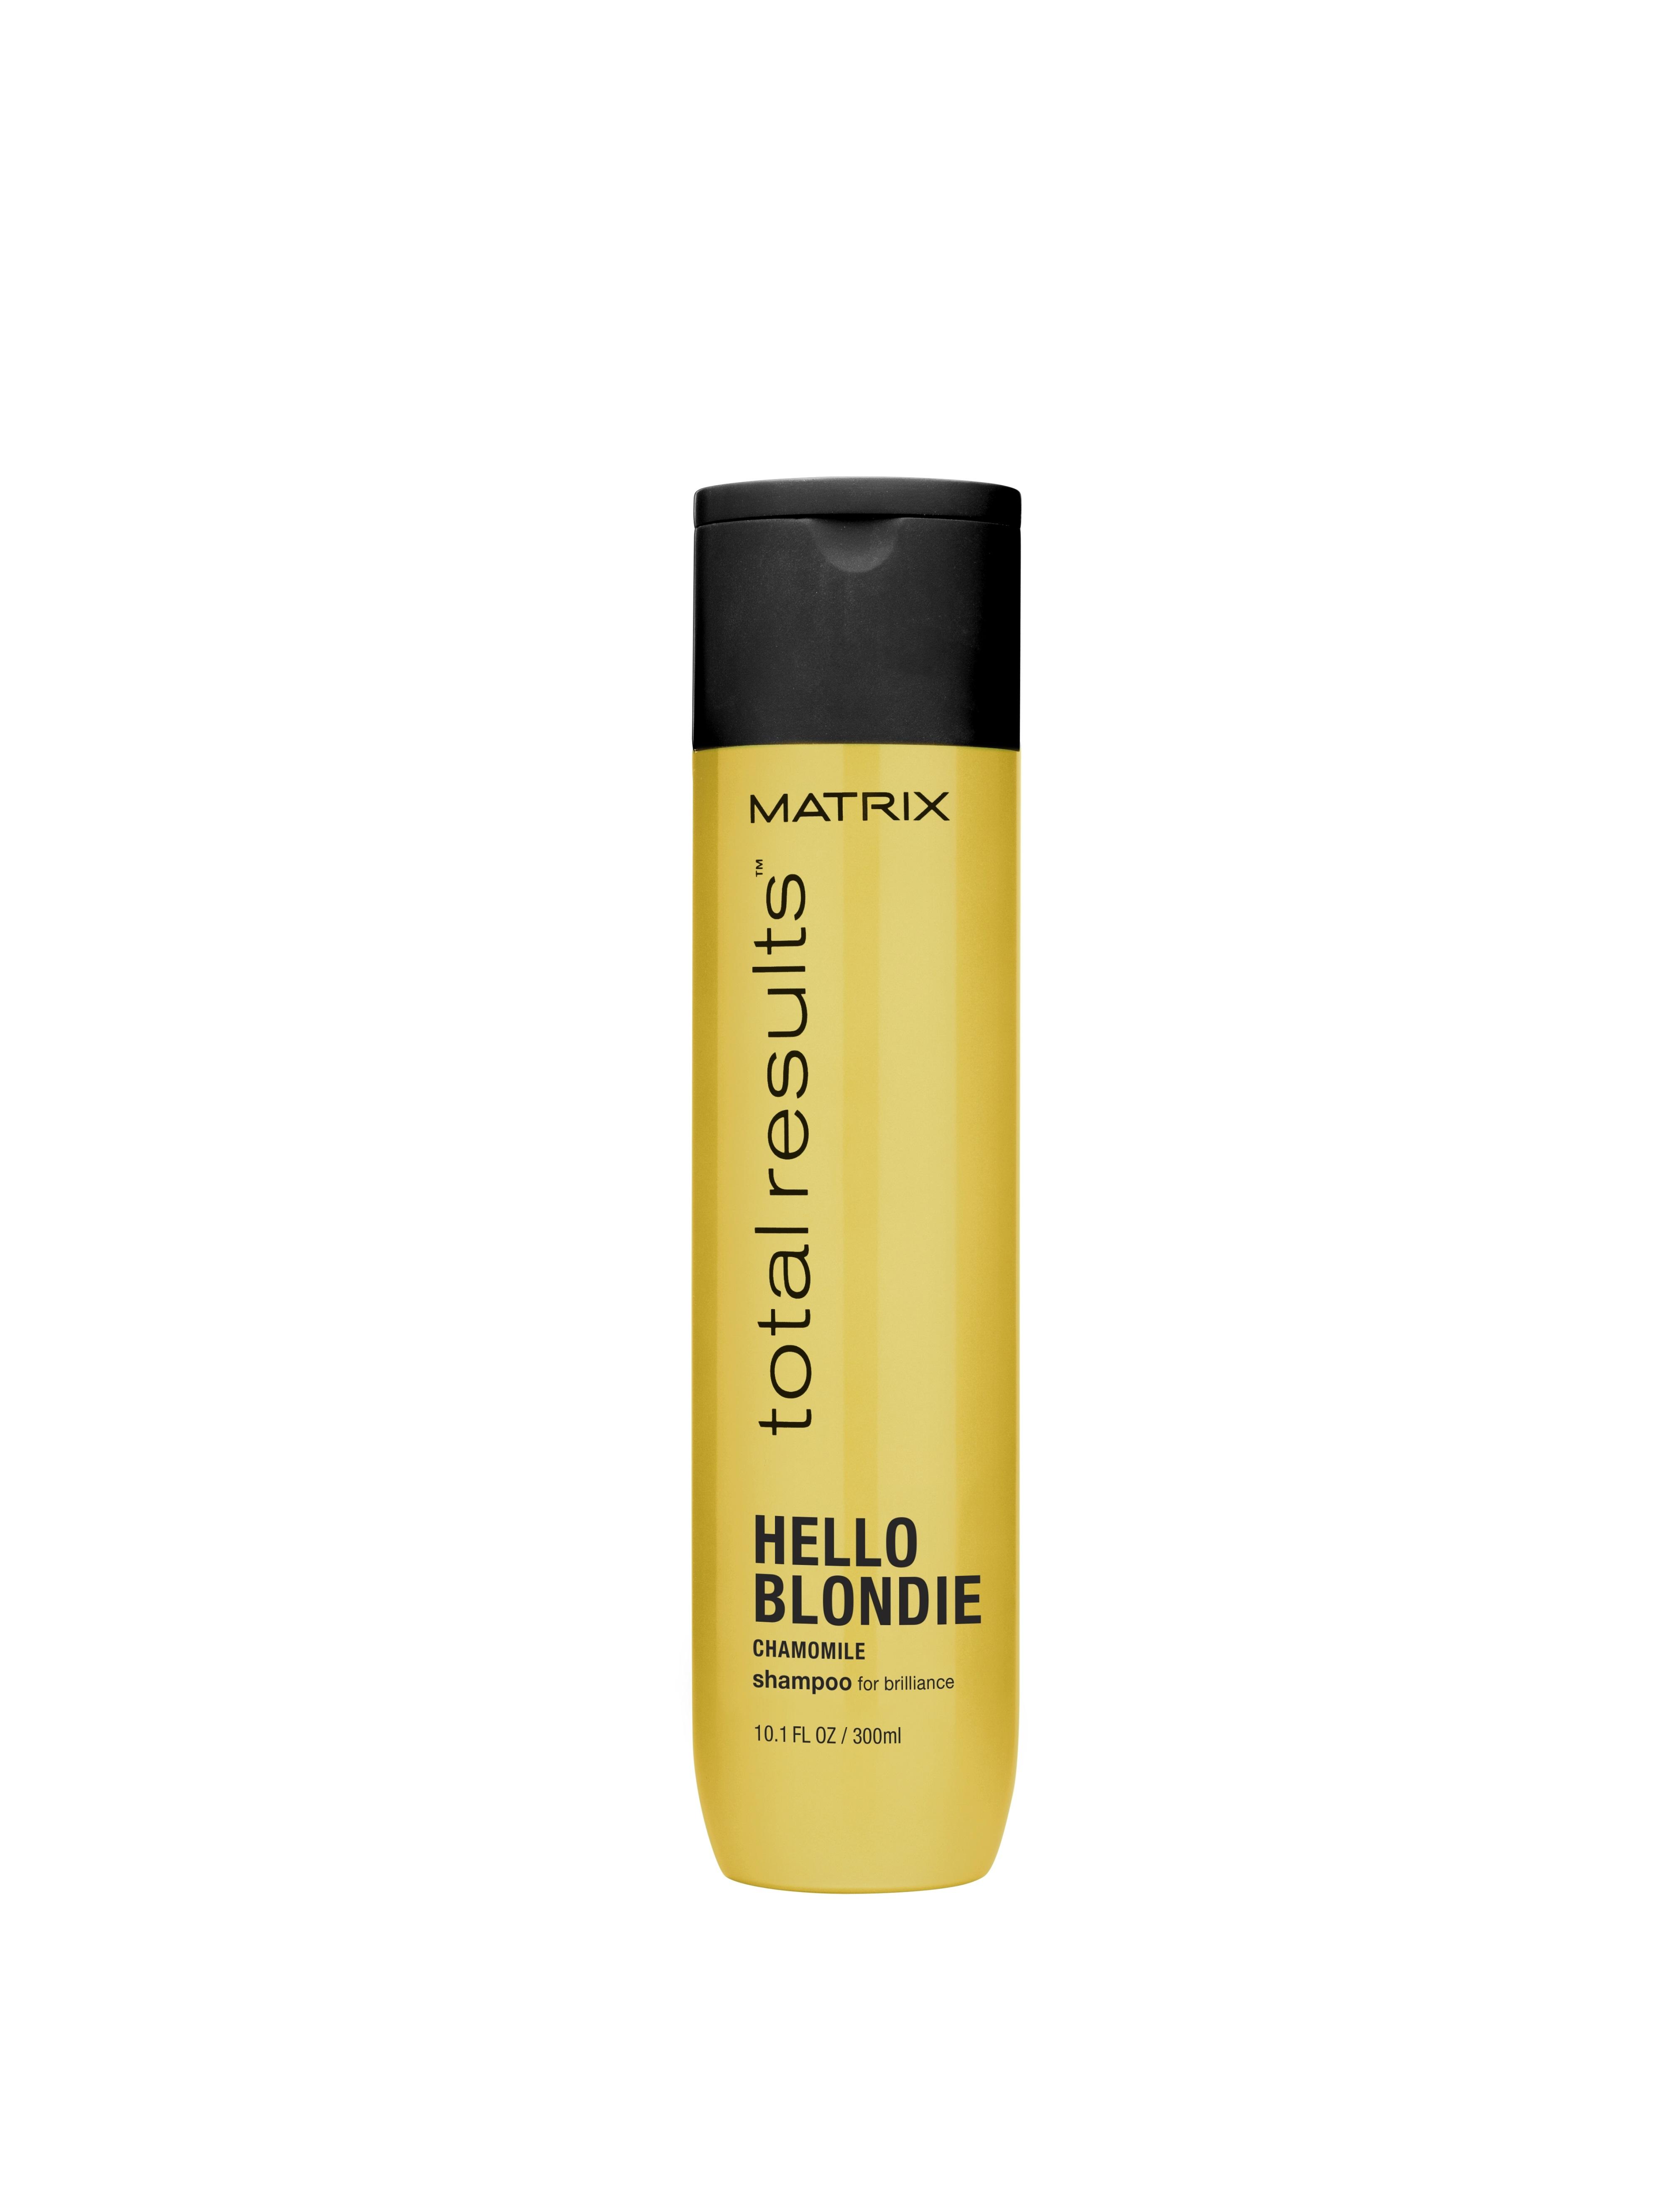 Matrix Hello Blondie